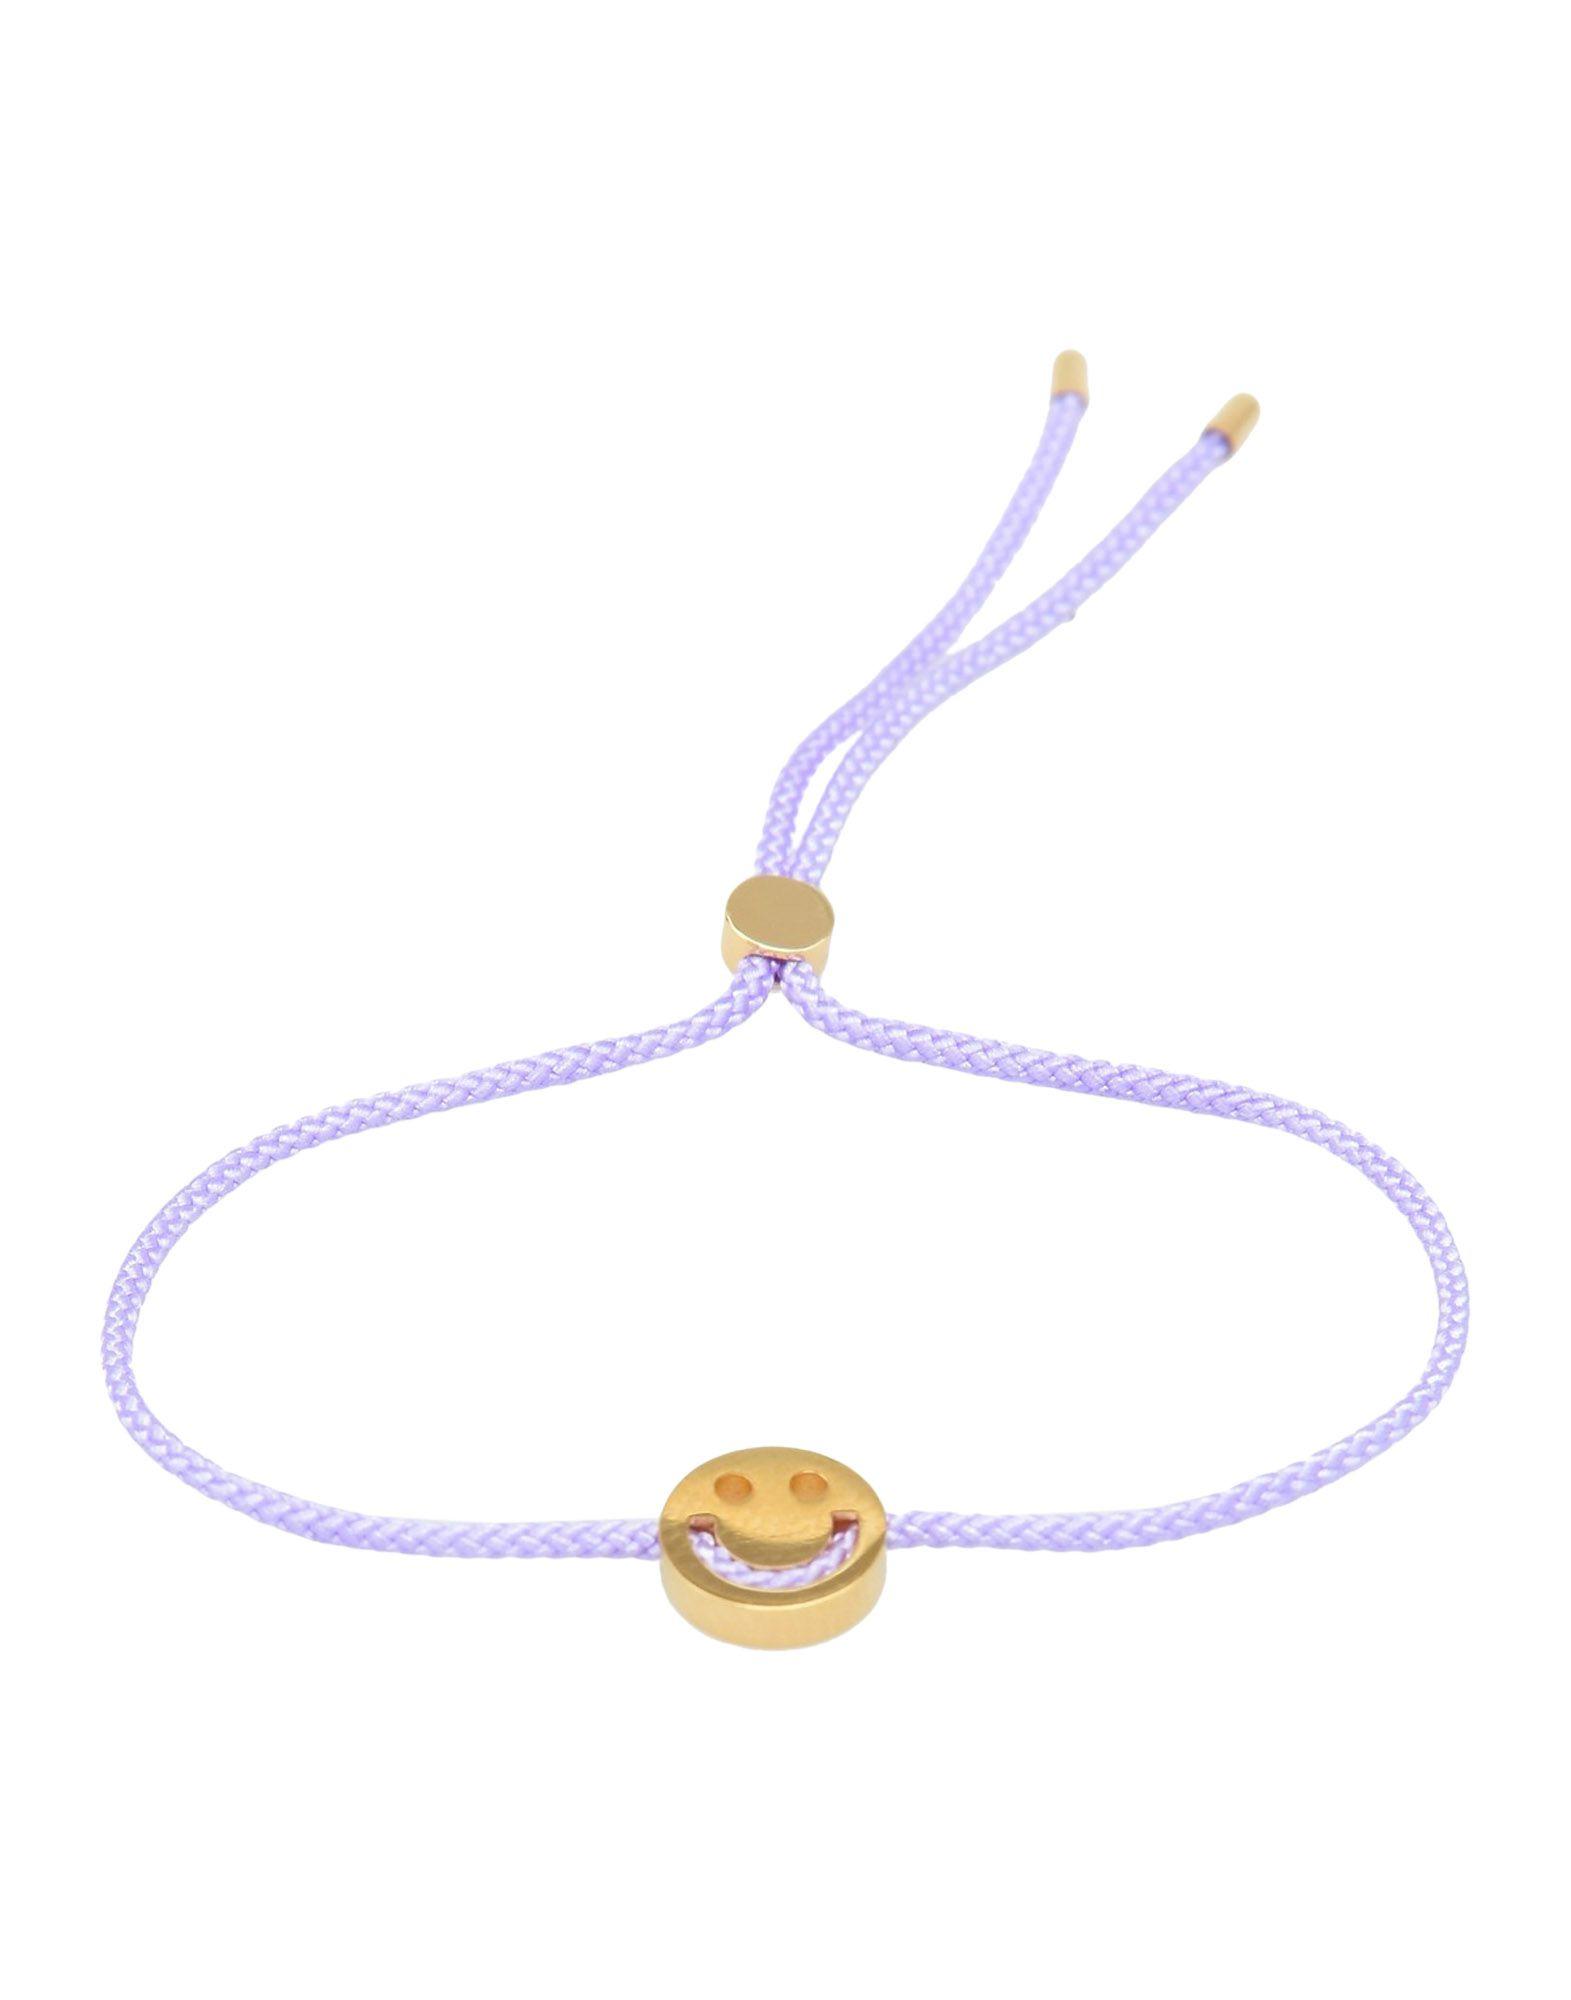 RUIFIER Bracelet in Lilac